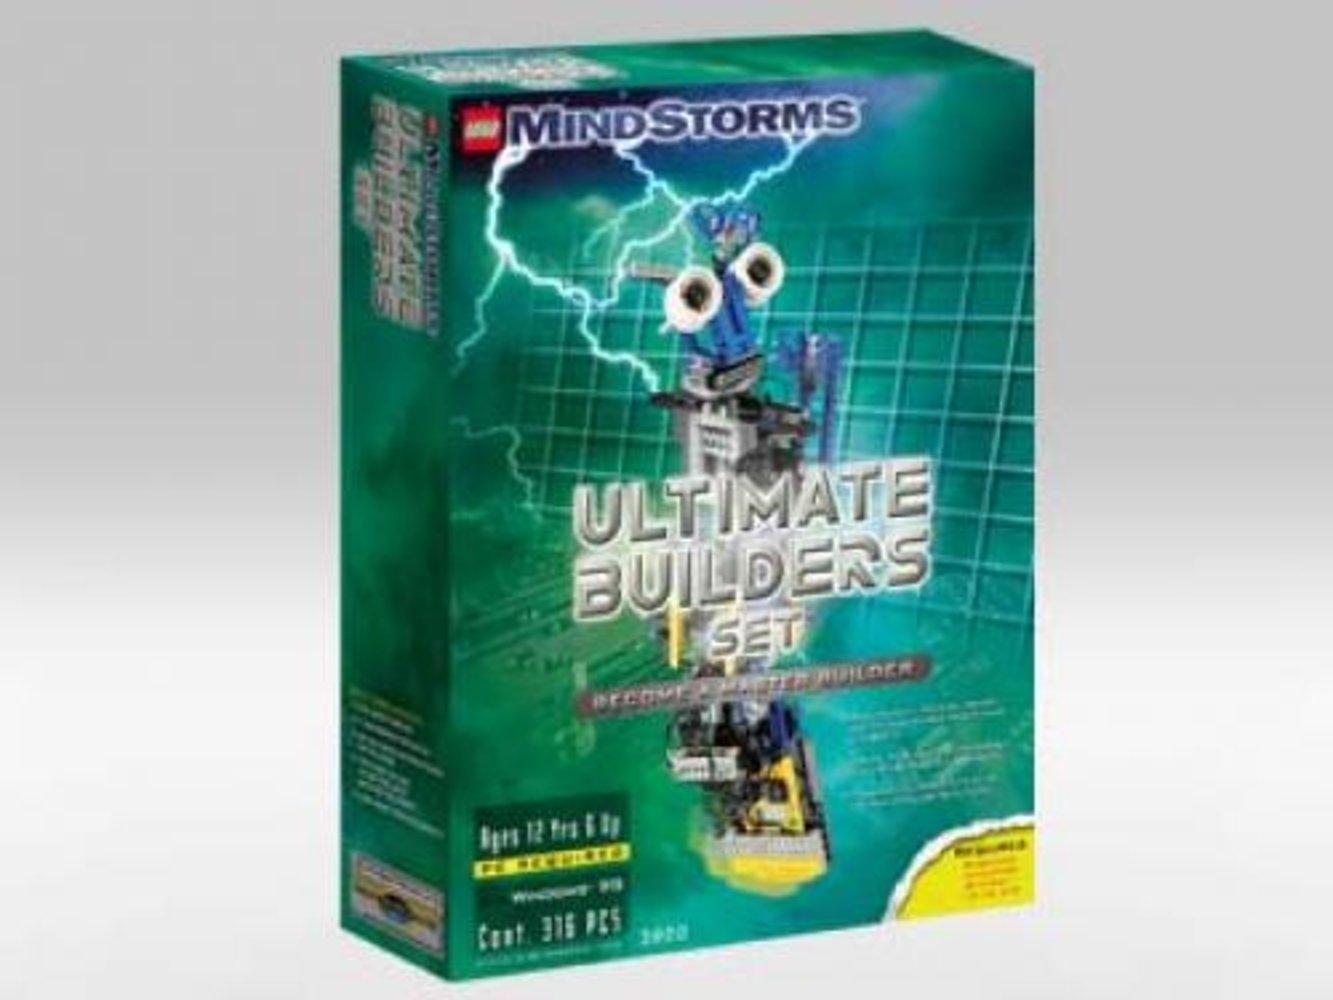 Ultimate Builders Set